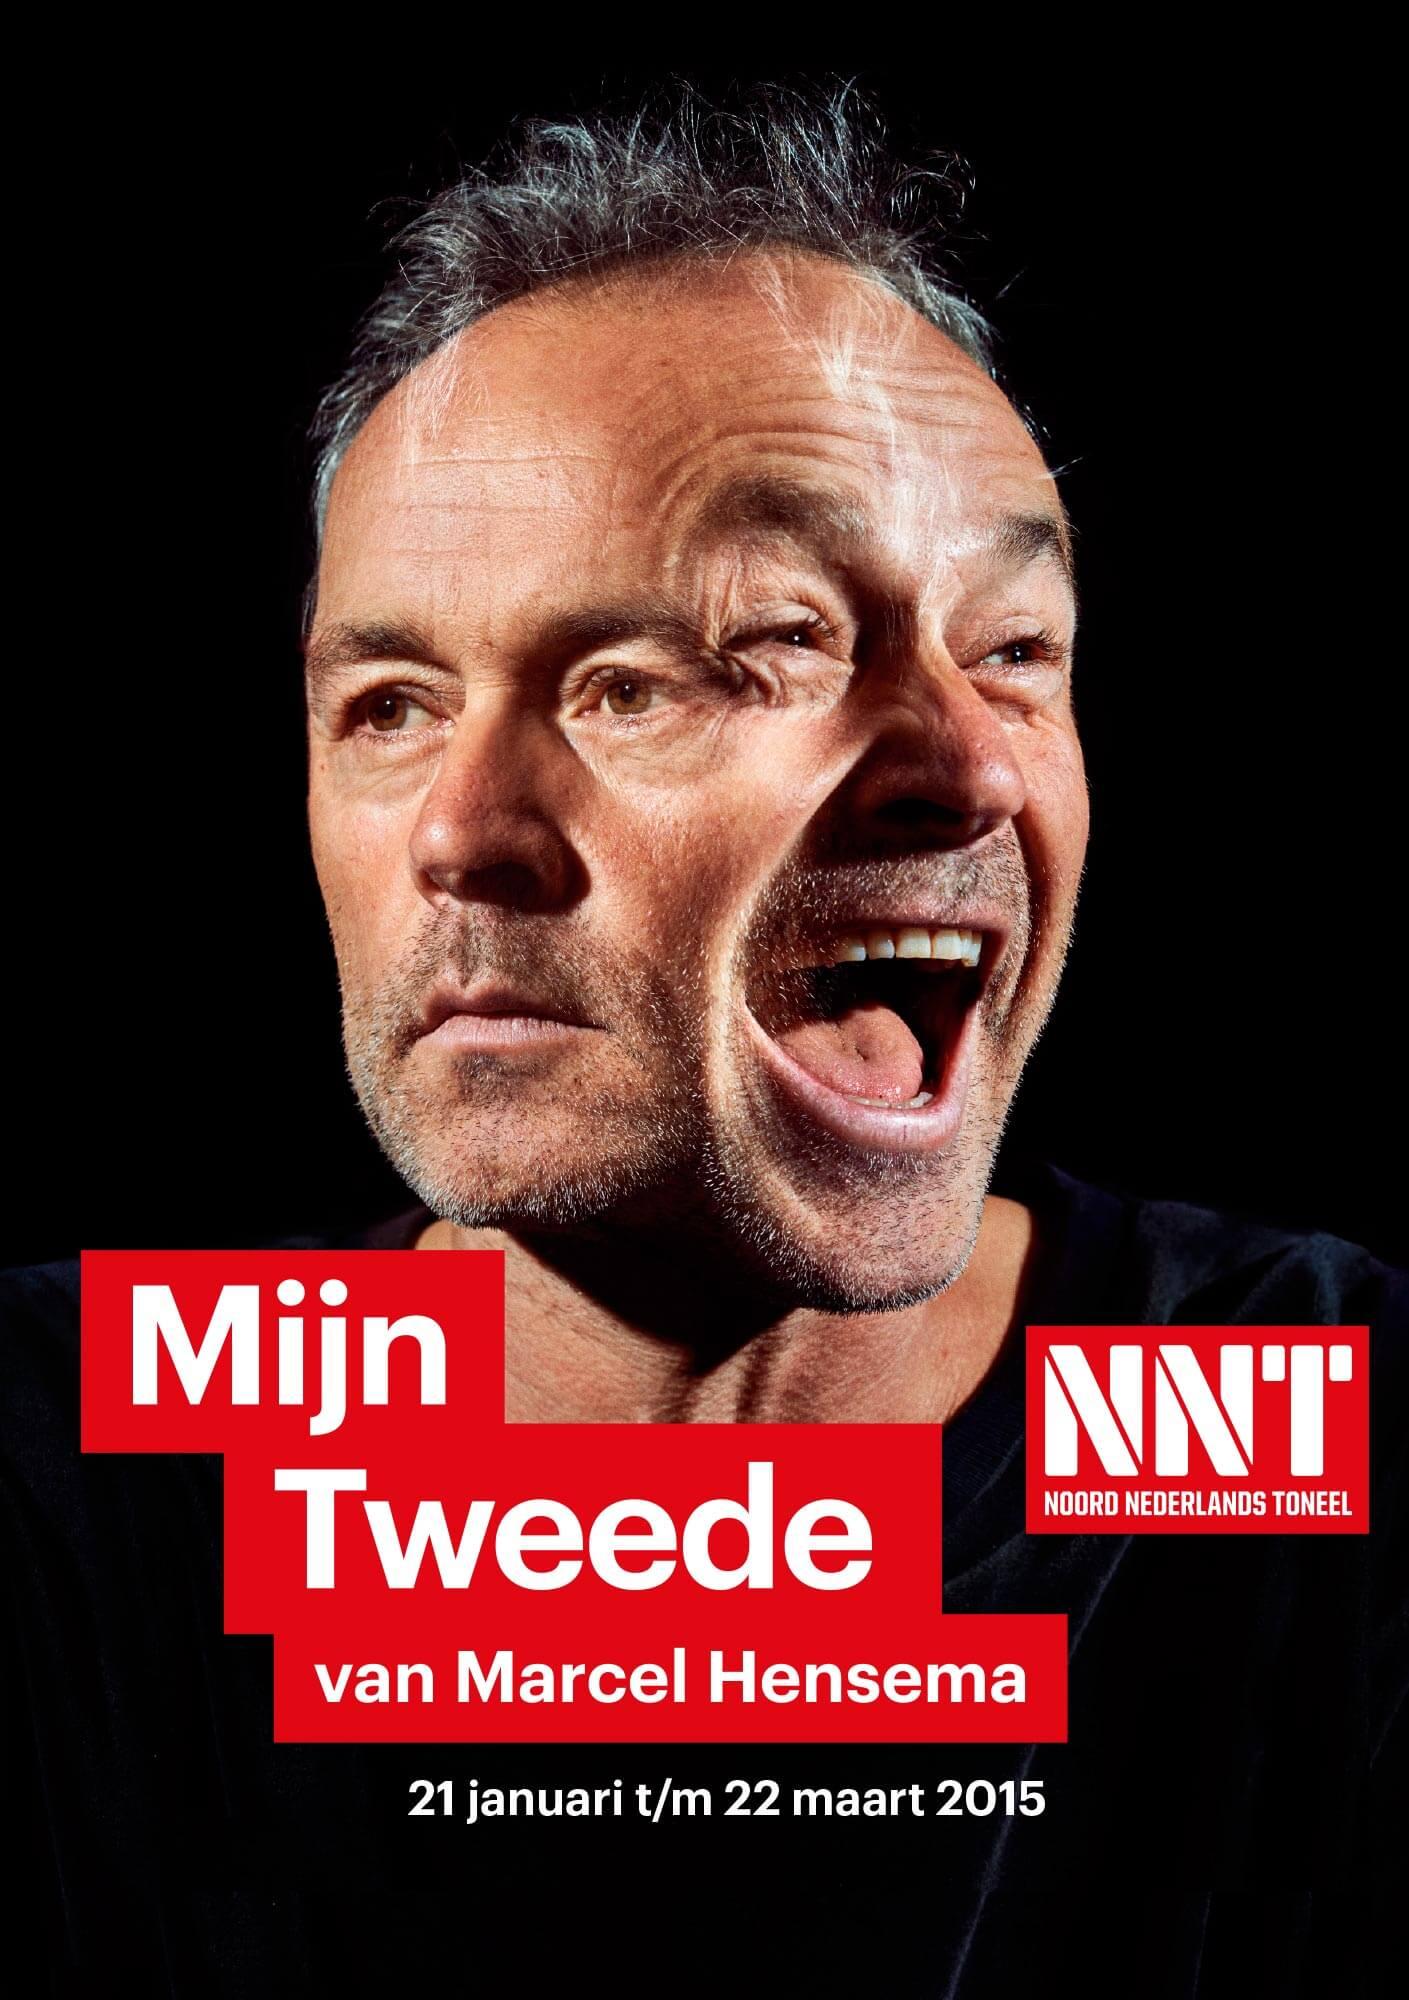 Campagne NNT MijnTweede affiche